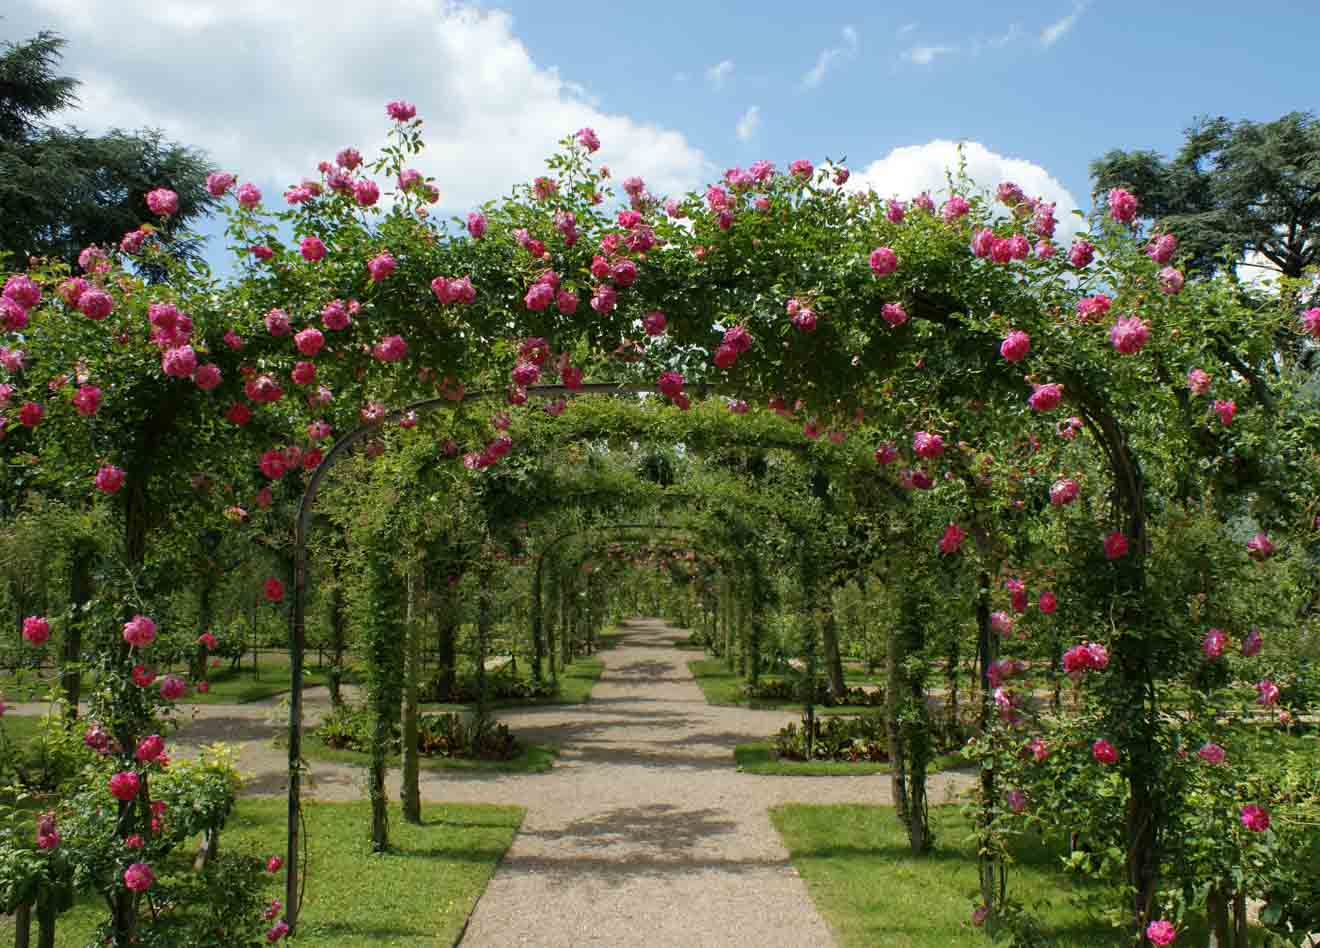 cosas que hacer en geelong en pascua - gazebo del jardín para hacer en geelong